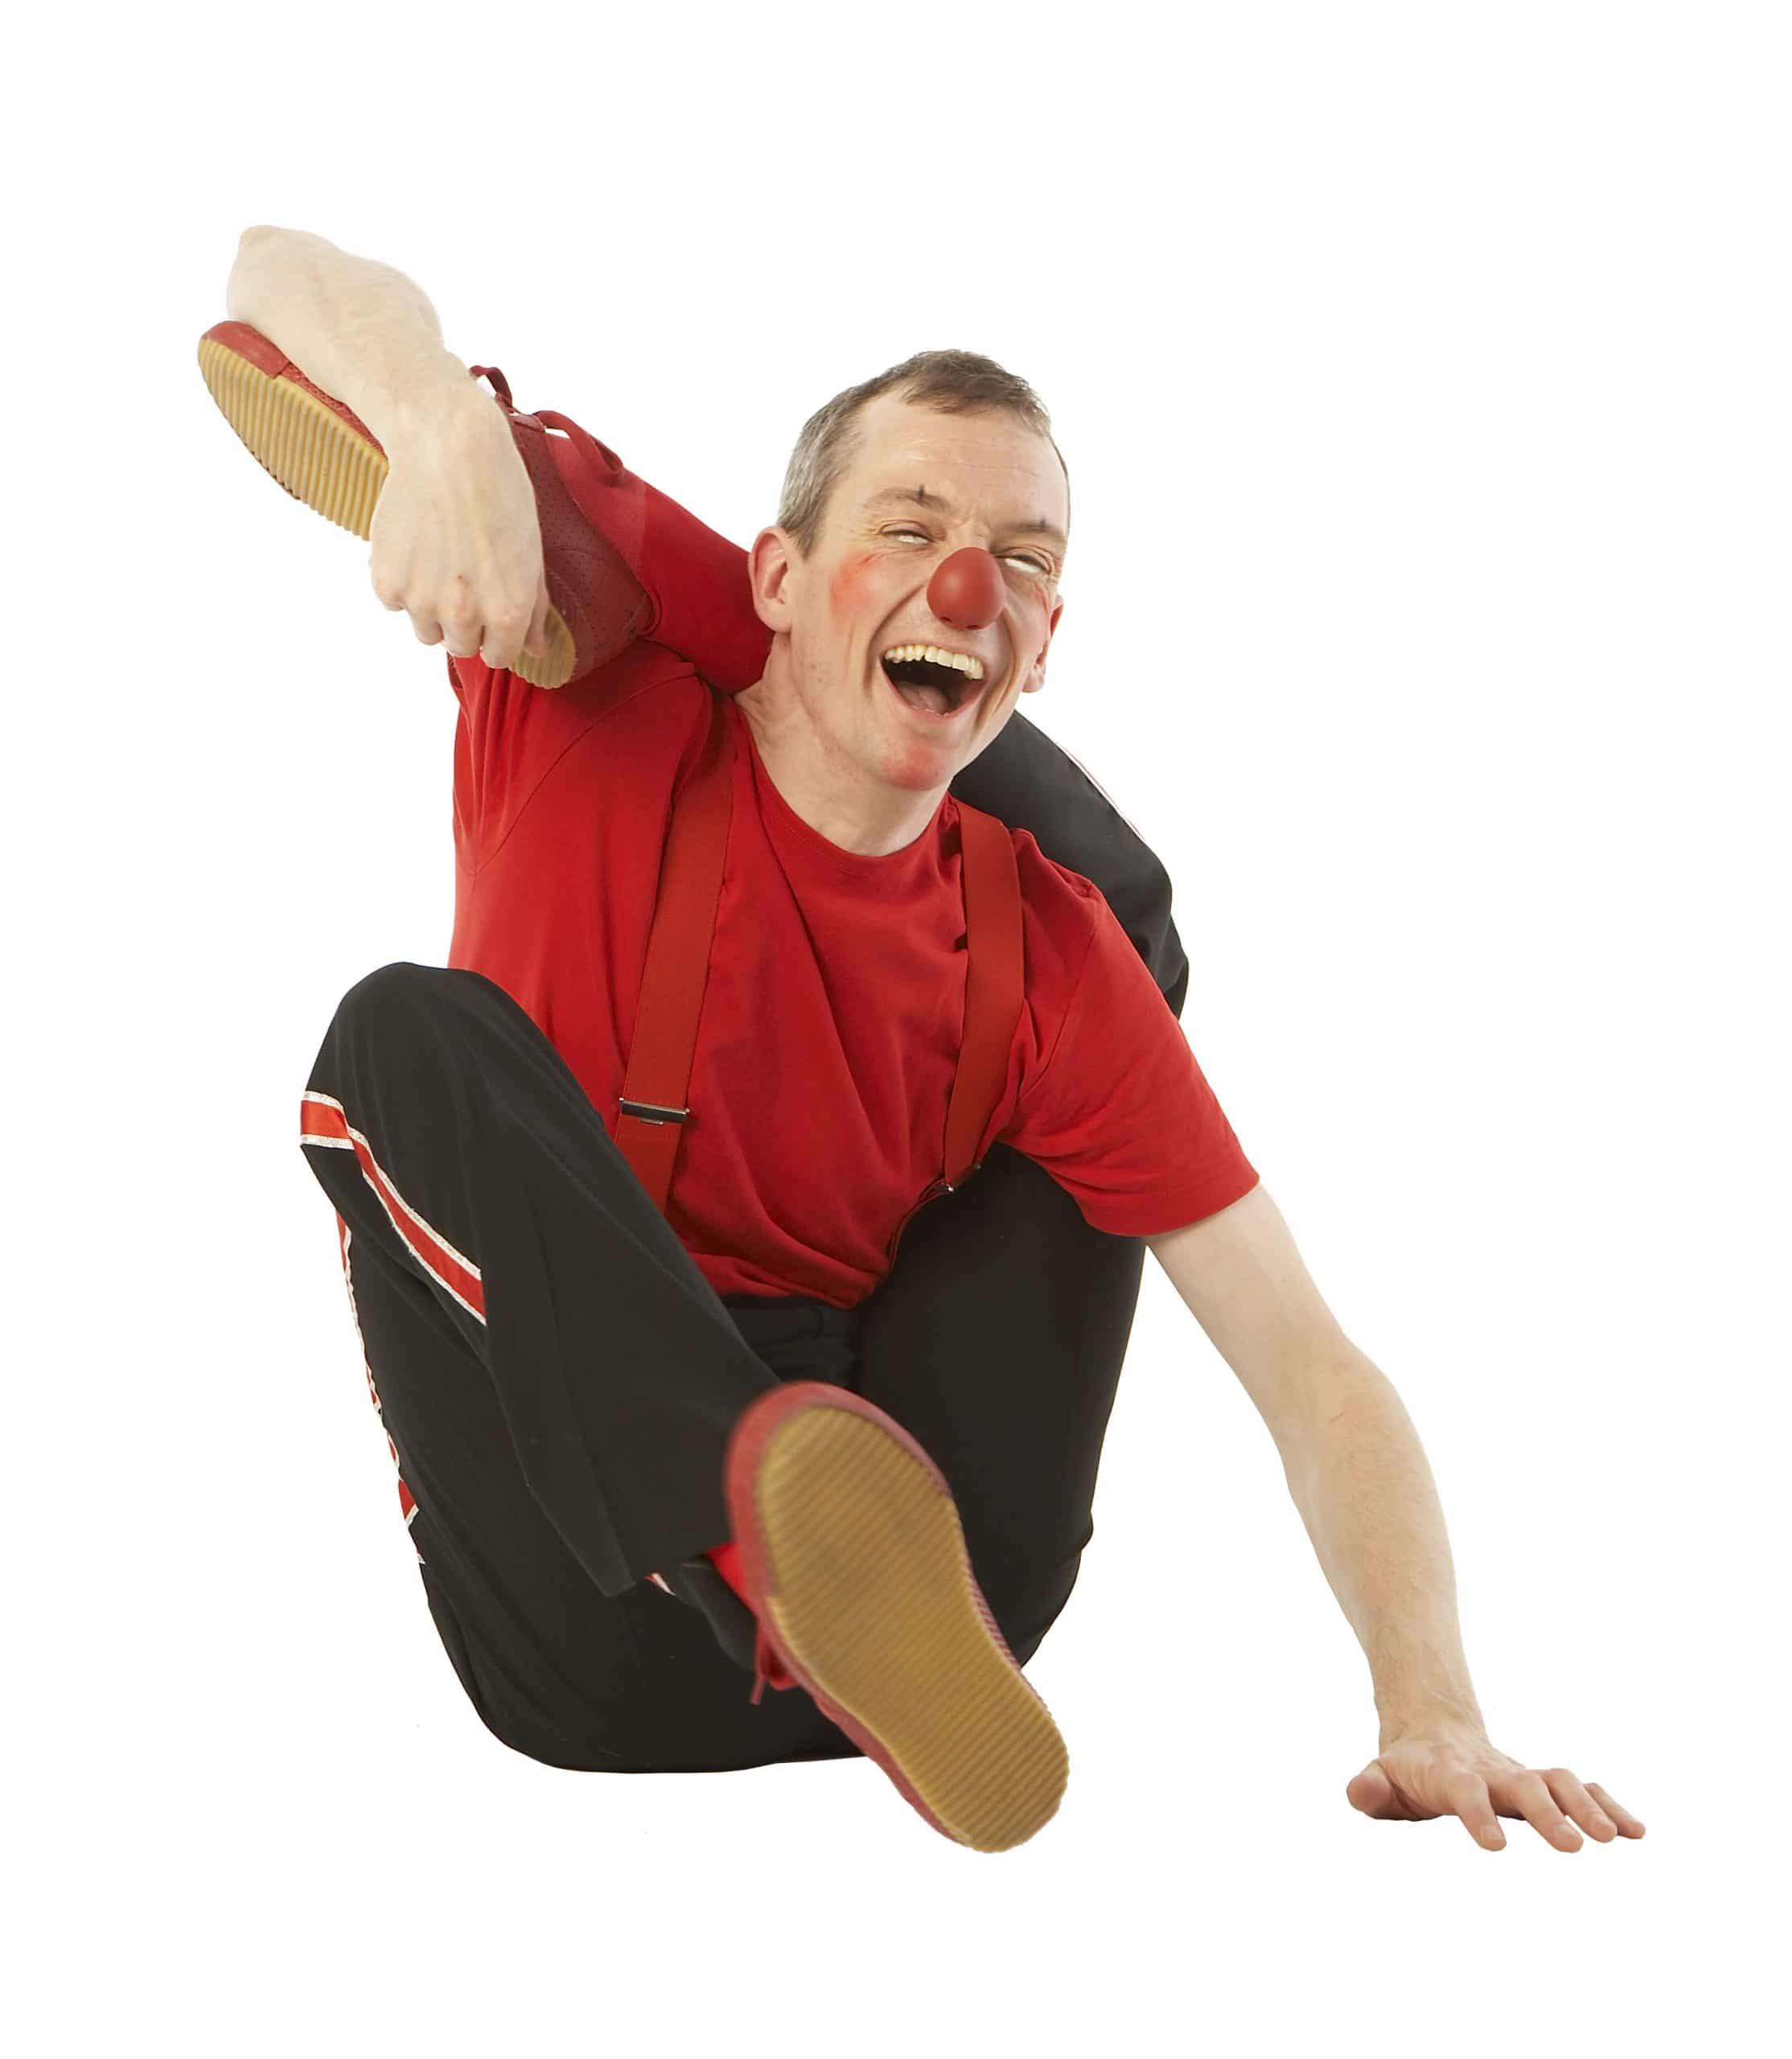 Klovnen Tapé med benet bag nakken